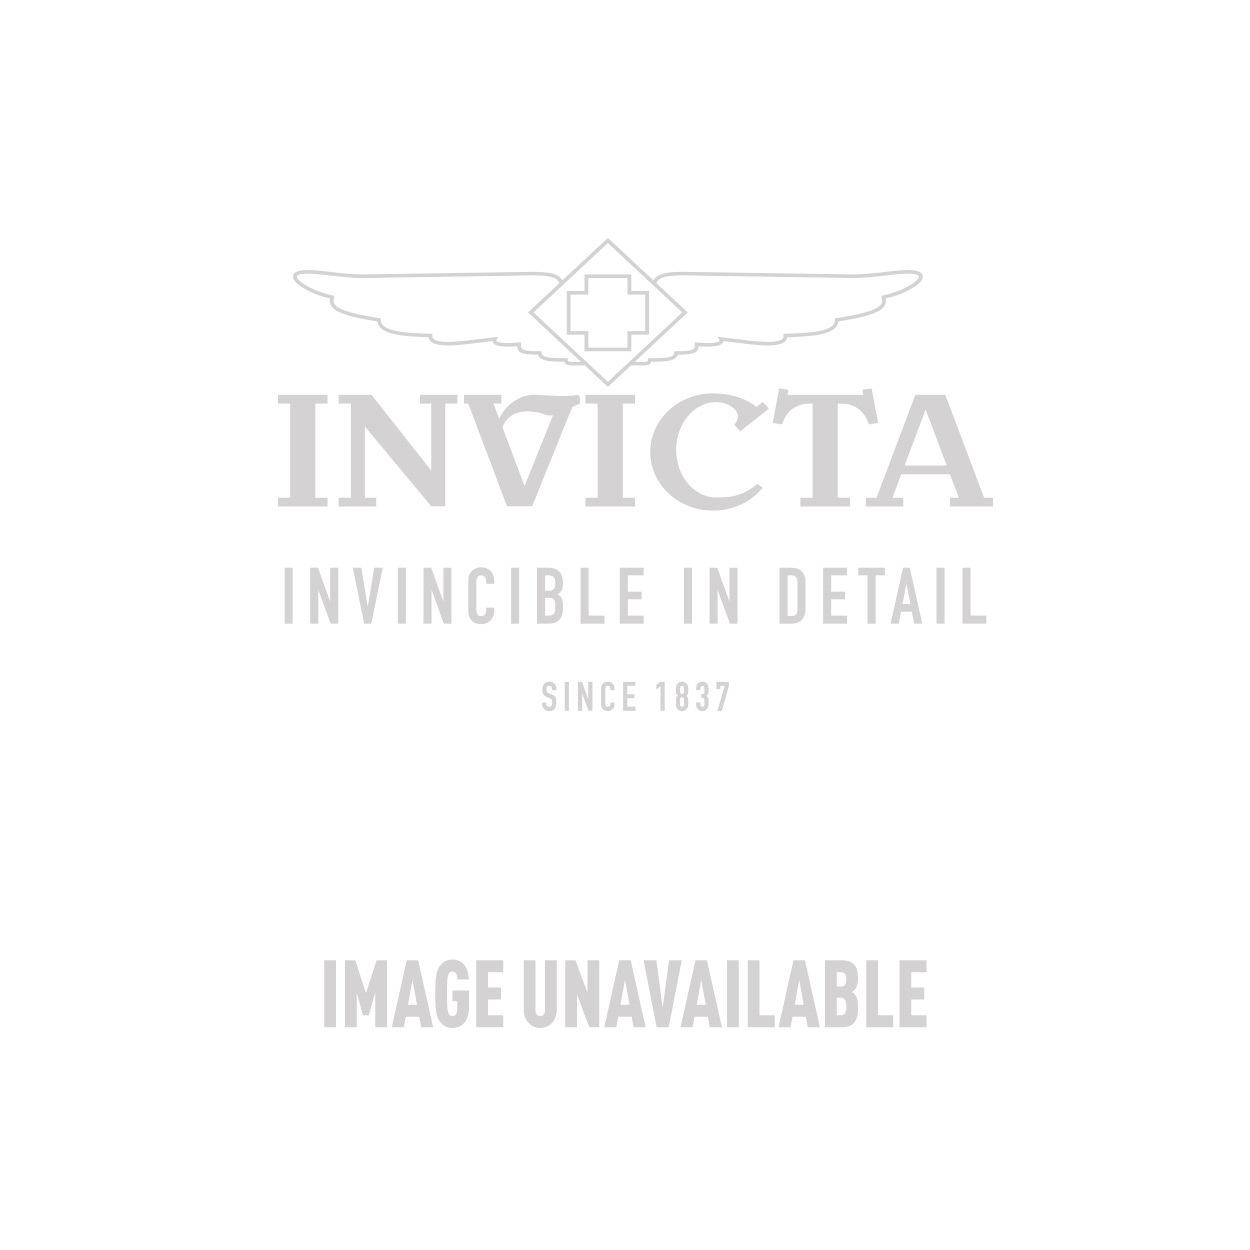 Invicta Model 25067